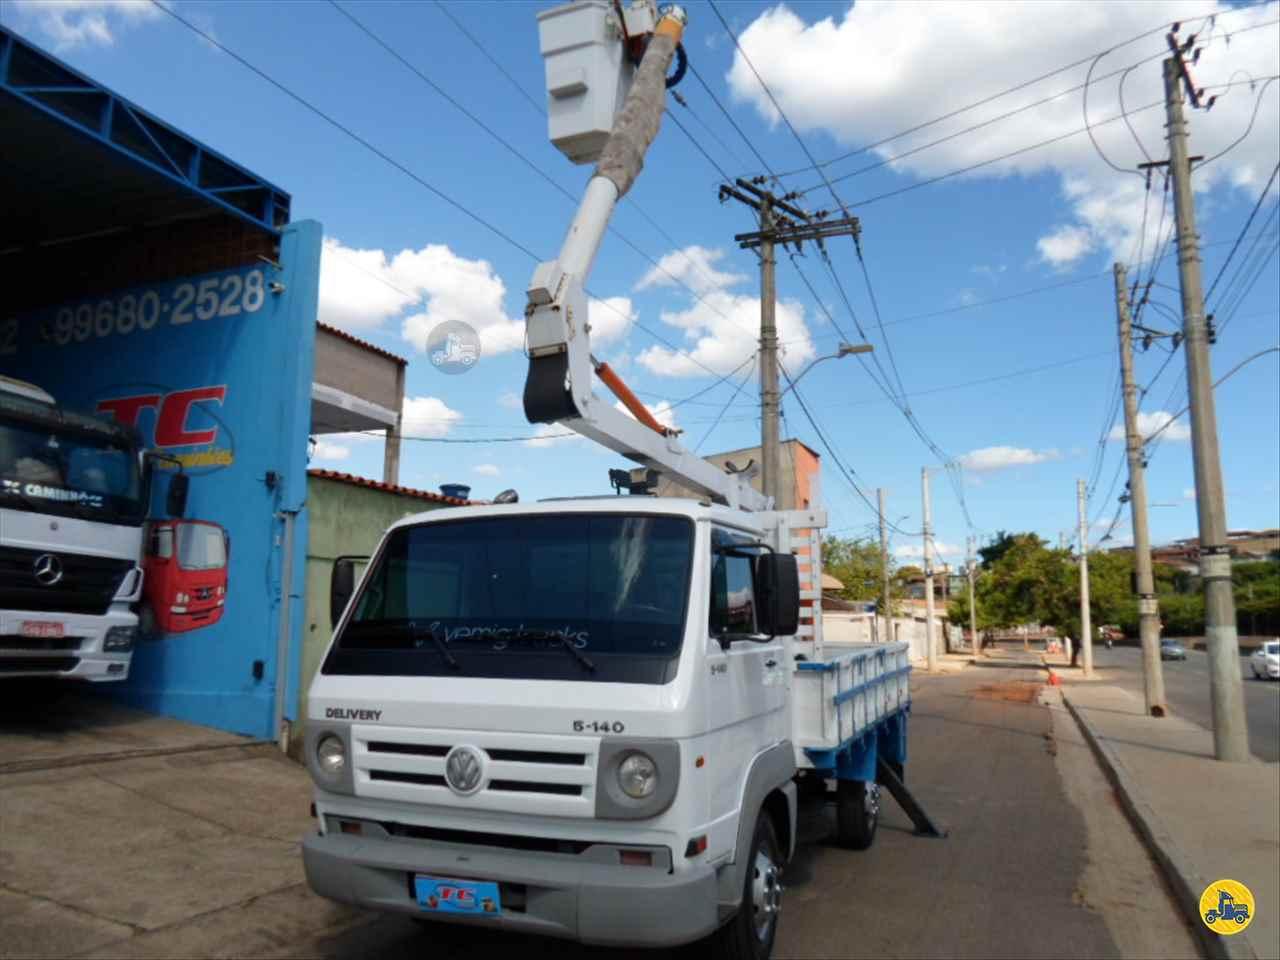 CAMINHAO VOLKSWAGEN VW 5140 Cesto Aereo Isolado 3/4 4x2 TC Caminhões  BELO HORIZONTE MINAS GERAIS MG